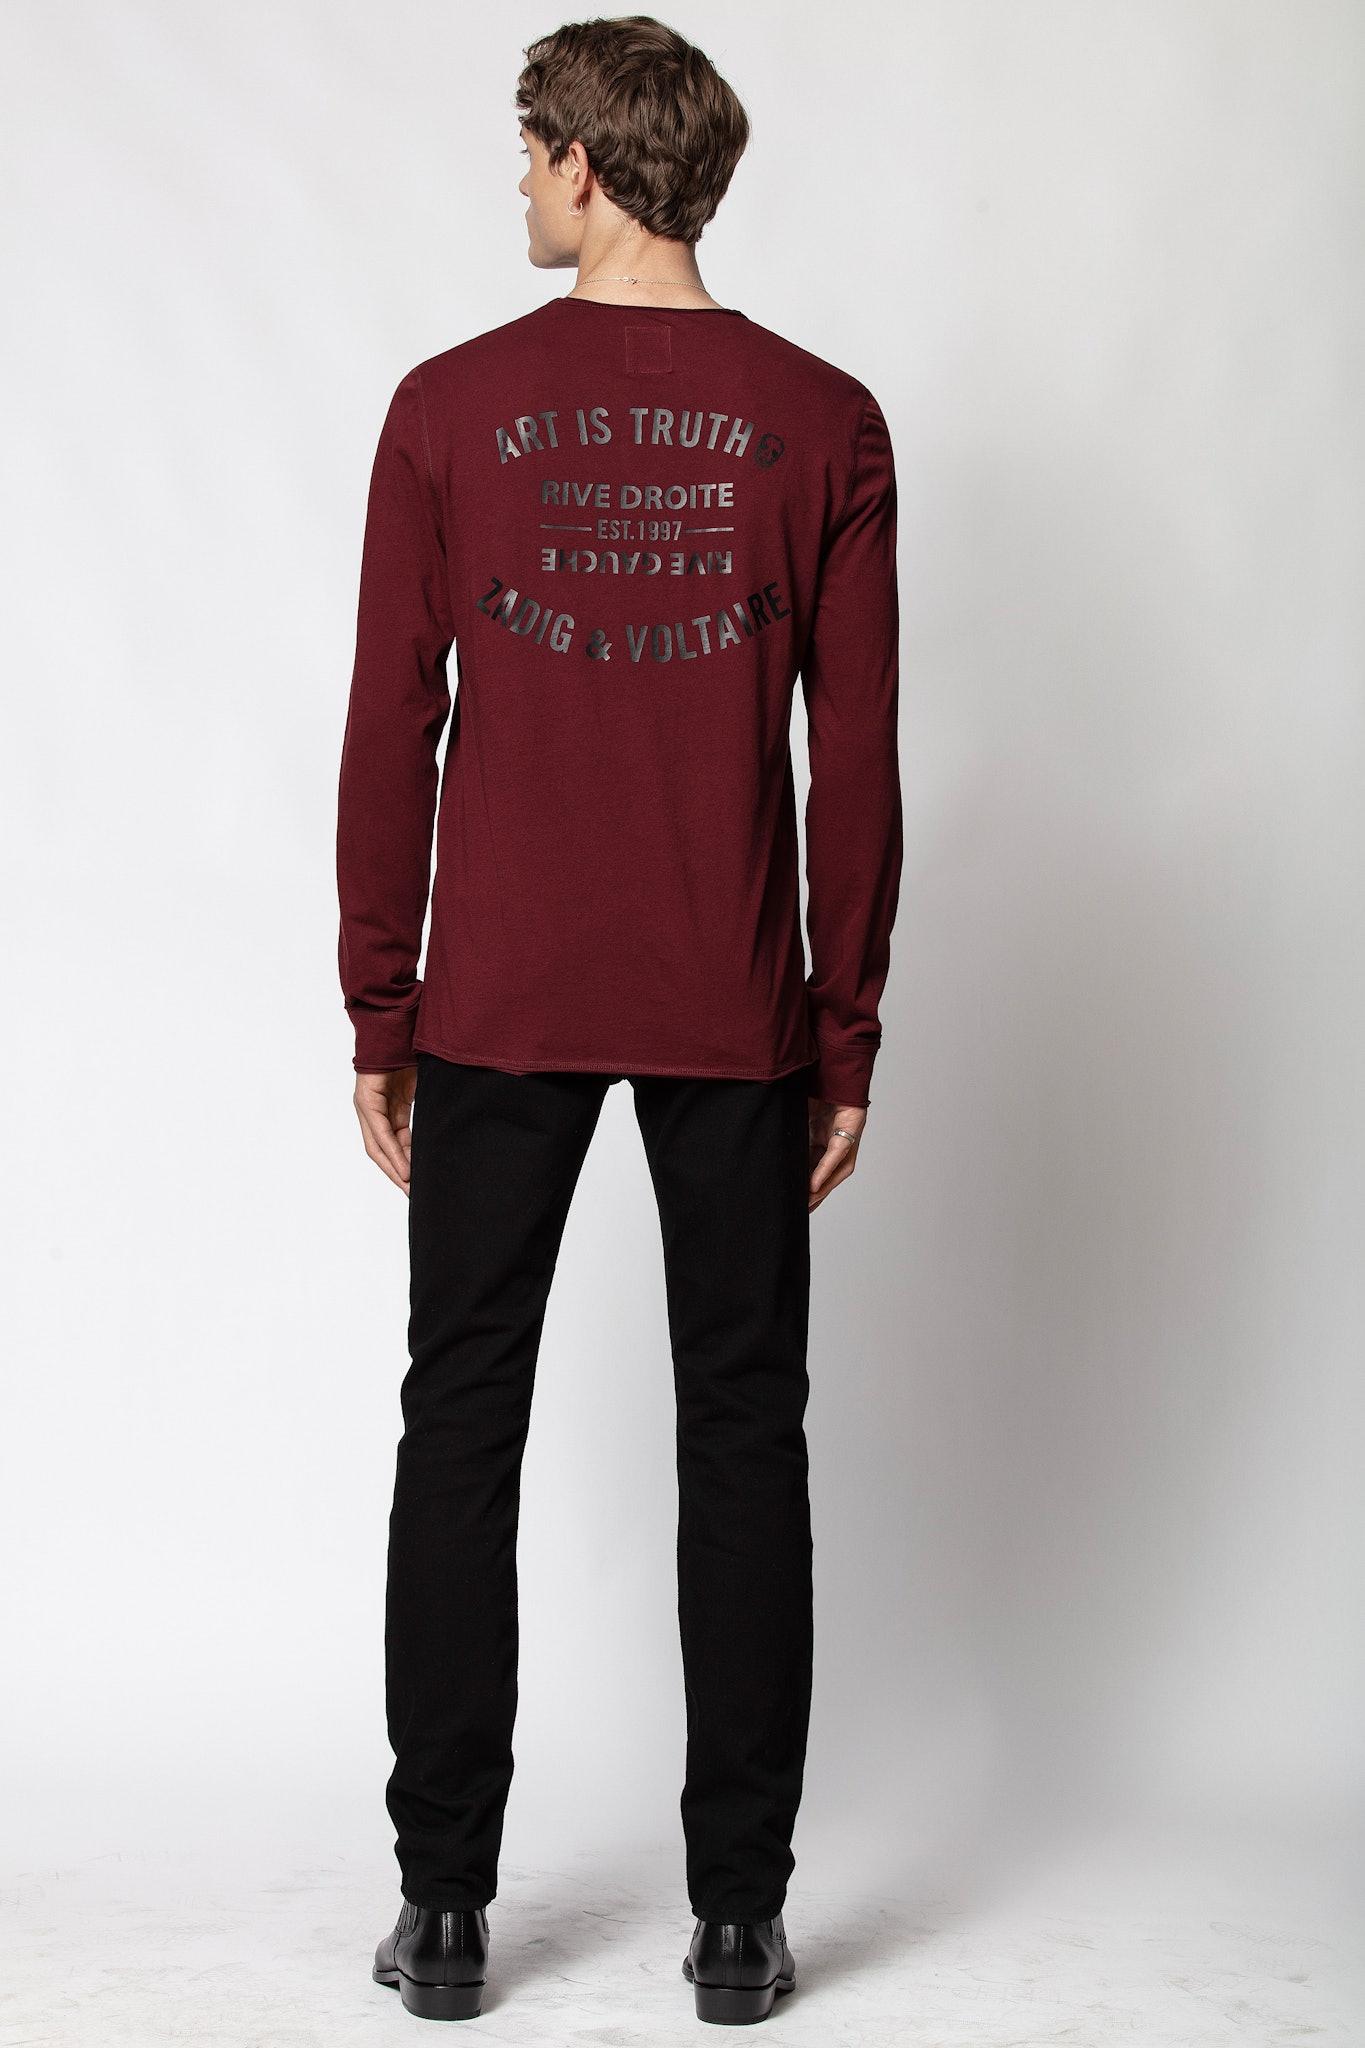 Monastir Blason T-shirt